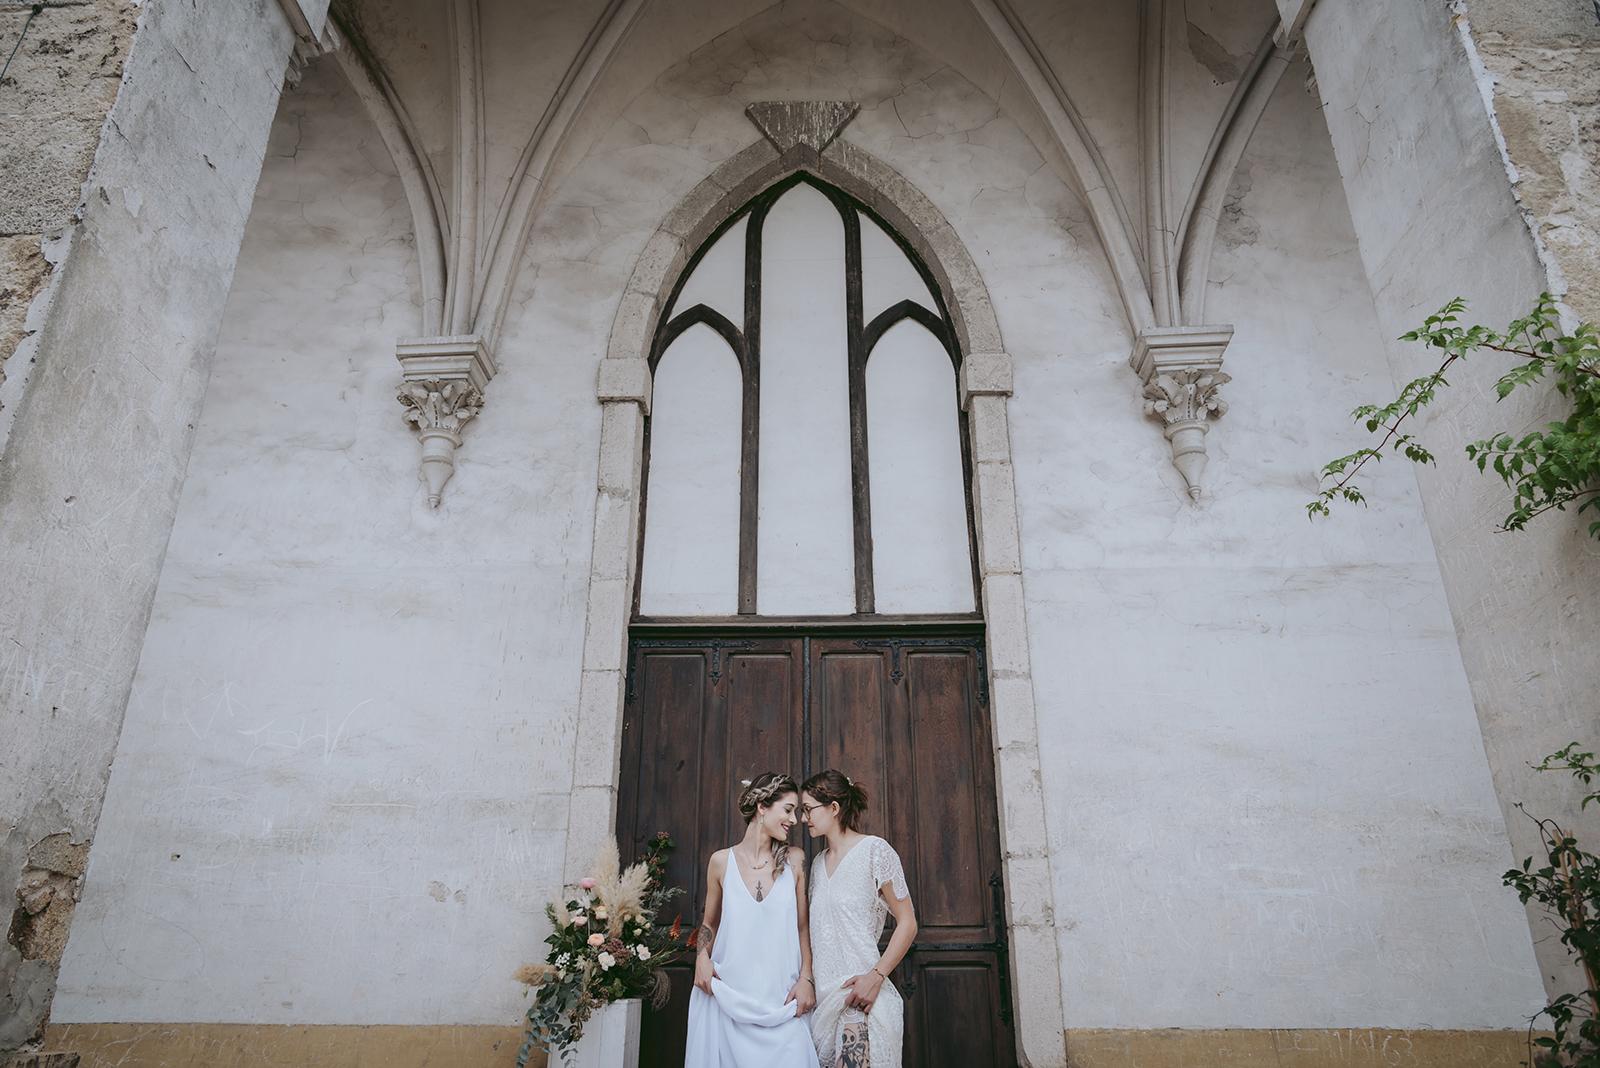 deux mariées devant le parvis d'une chapelle gothique